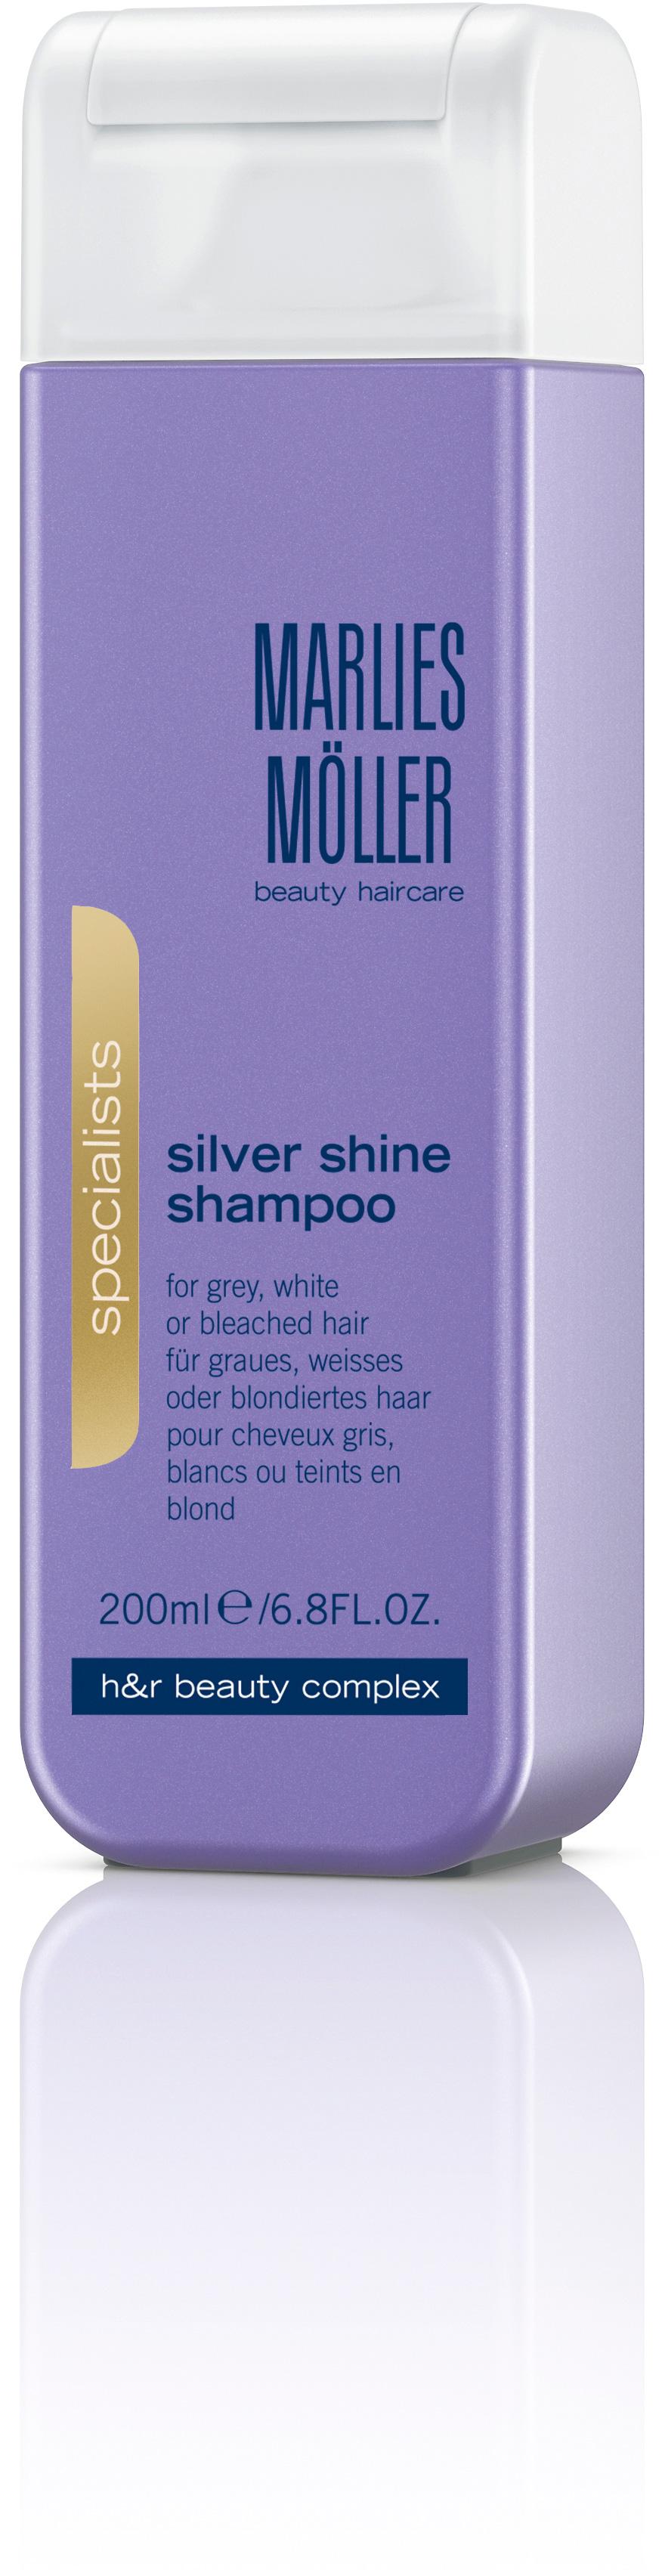 Marlies Möller Clean Silver Shine Shampoo 200 ml